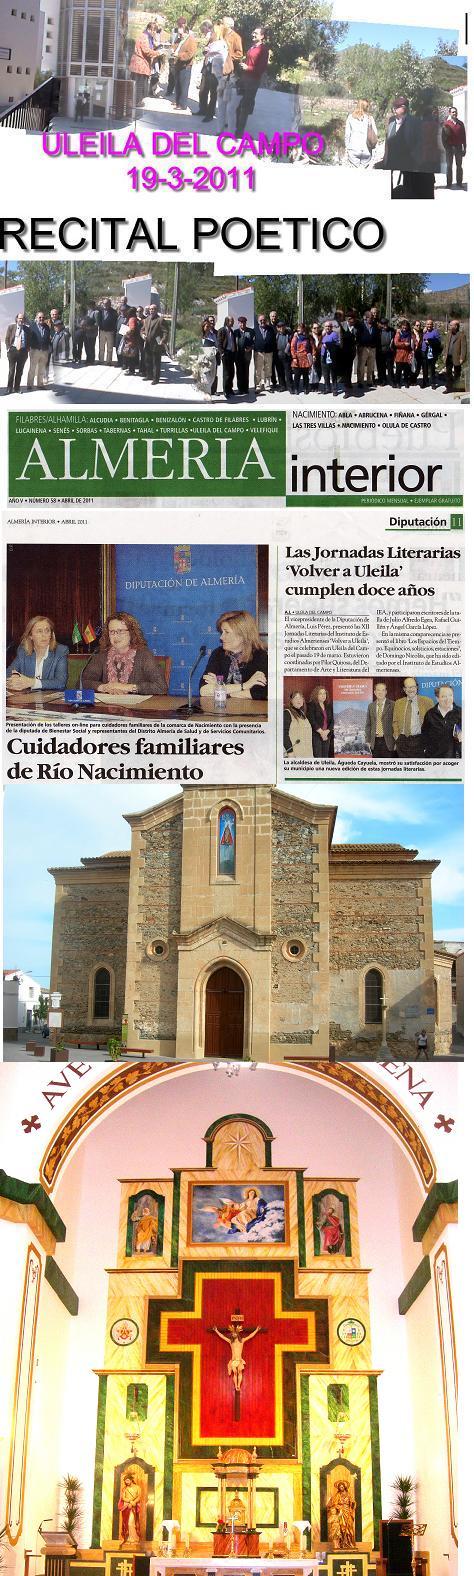 20120617141141--volver-a-uleila-11-12i.jpg